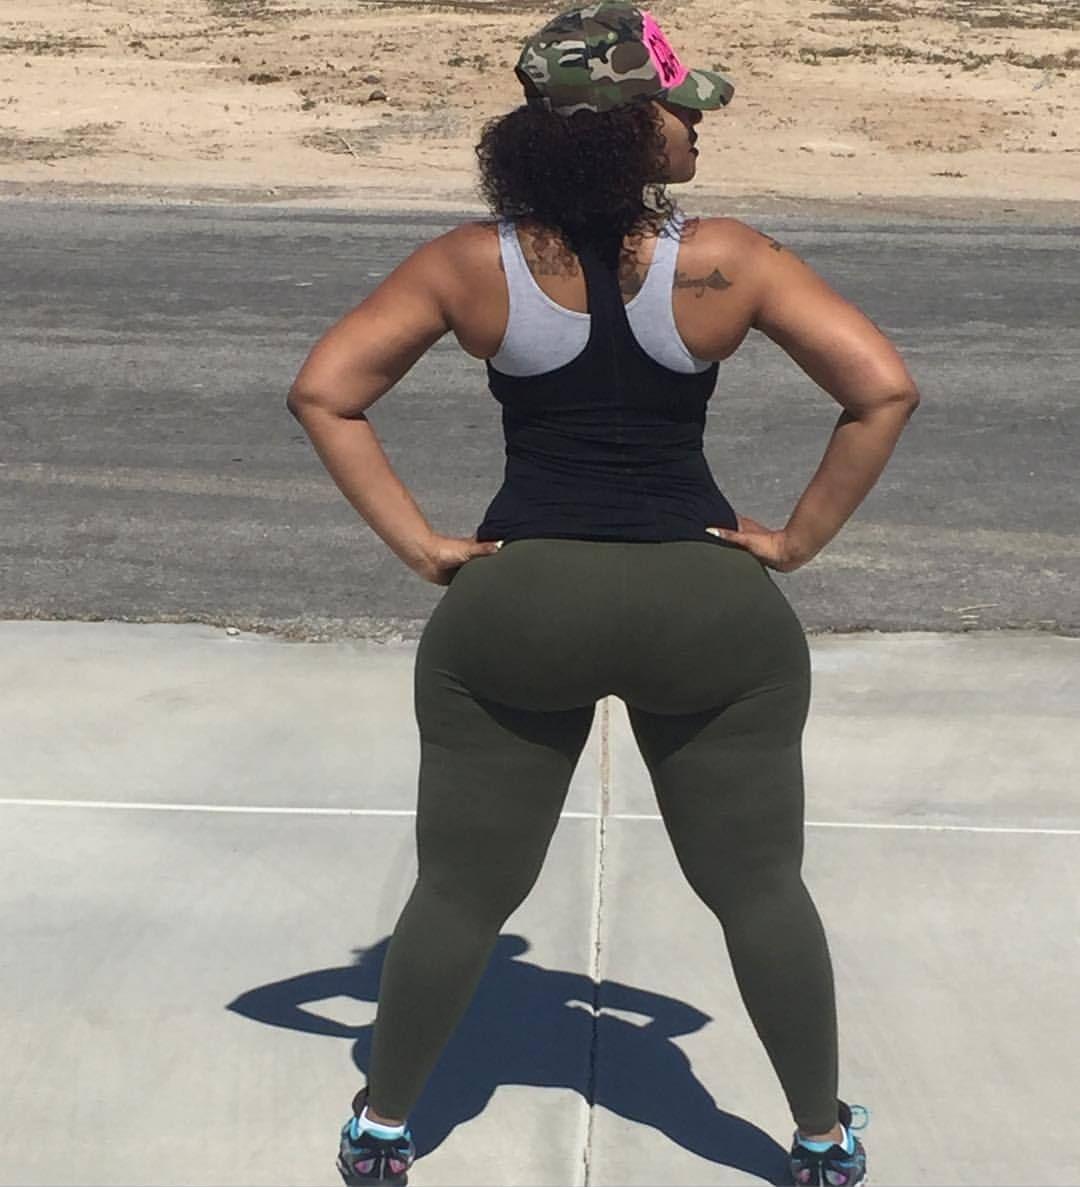 cherokee d ass wide hips & phat ass #bigbooty | cherokee | pinterest